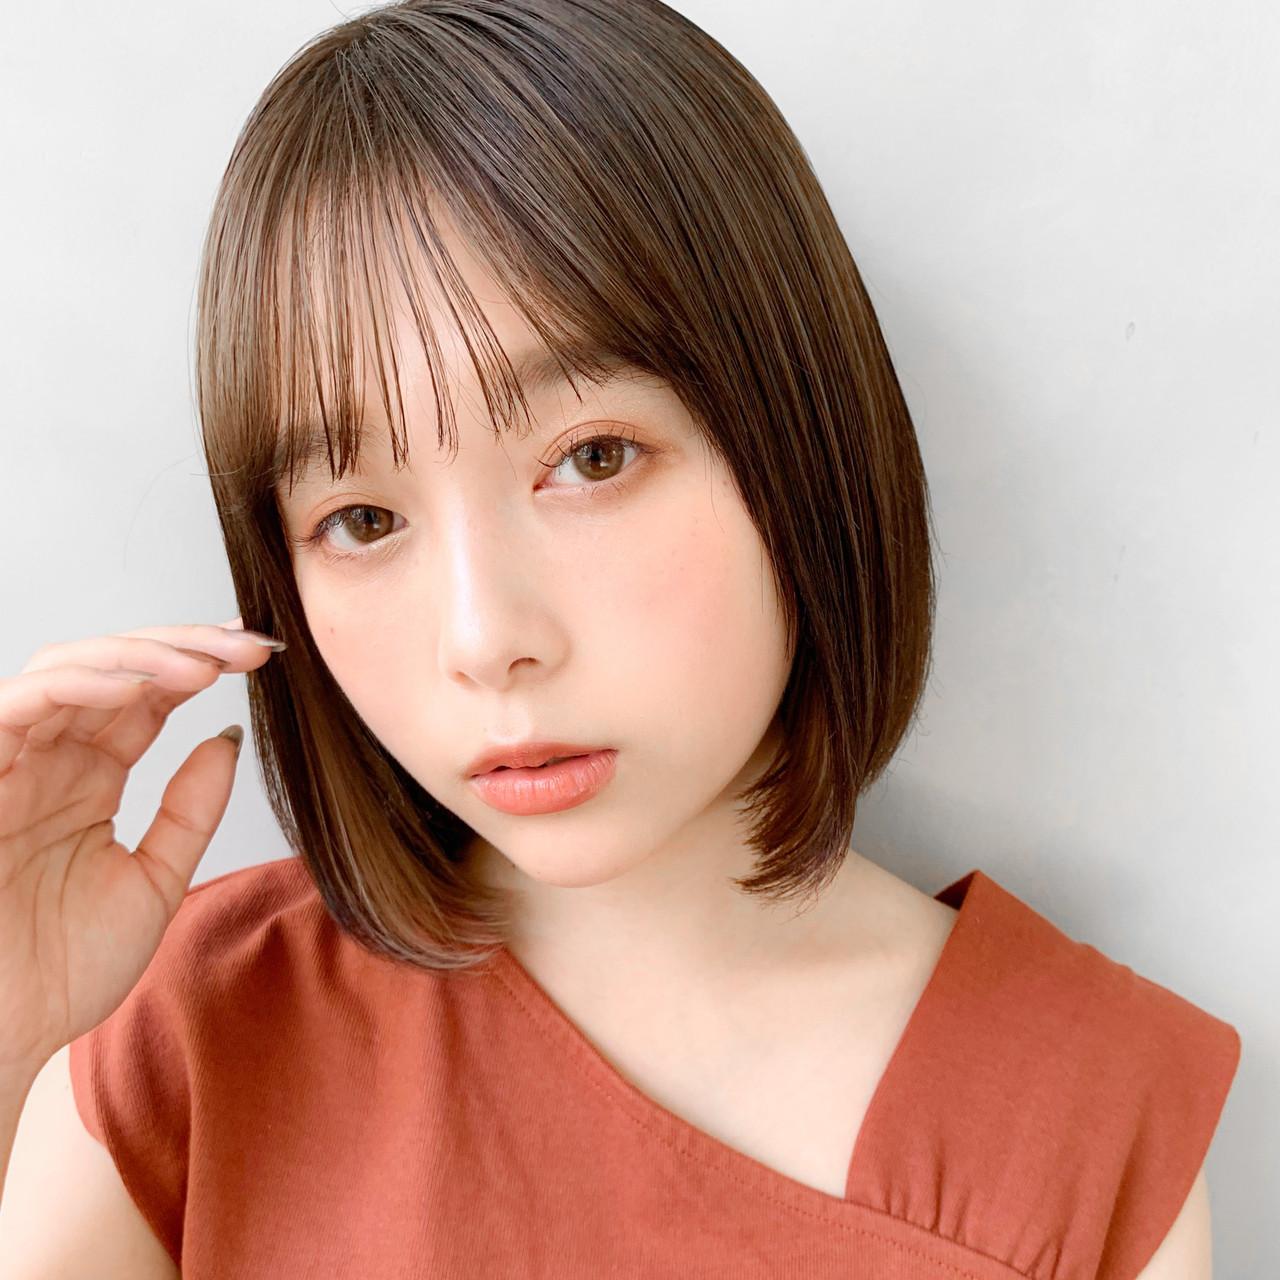 艶カラー イヤリングカラーベージュ お団子アレンジ おフェロヘアスタイルや髪型の写真・画像